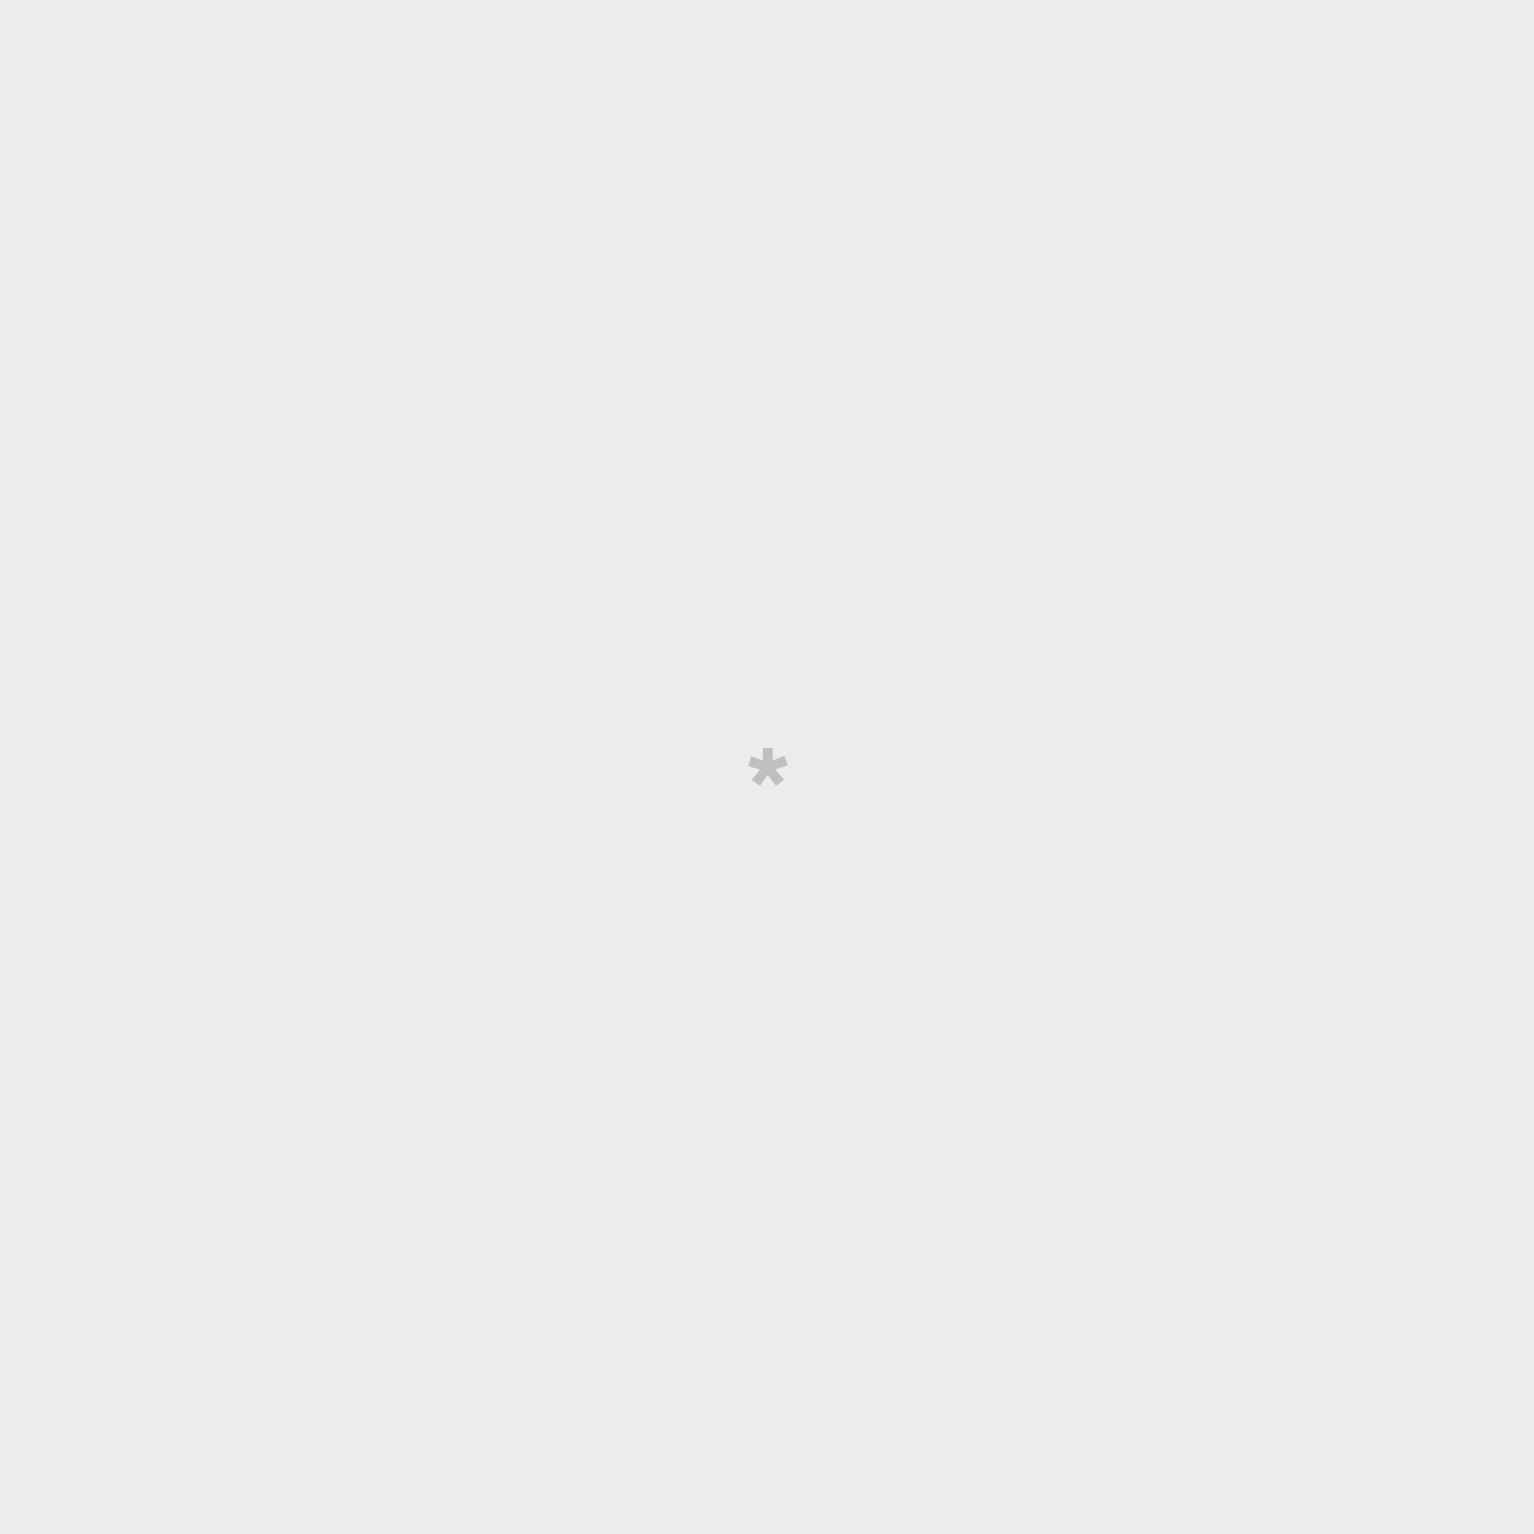 Calendario de sobremesa - 2022 va a ser un año genial